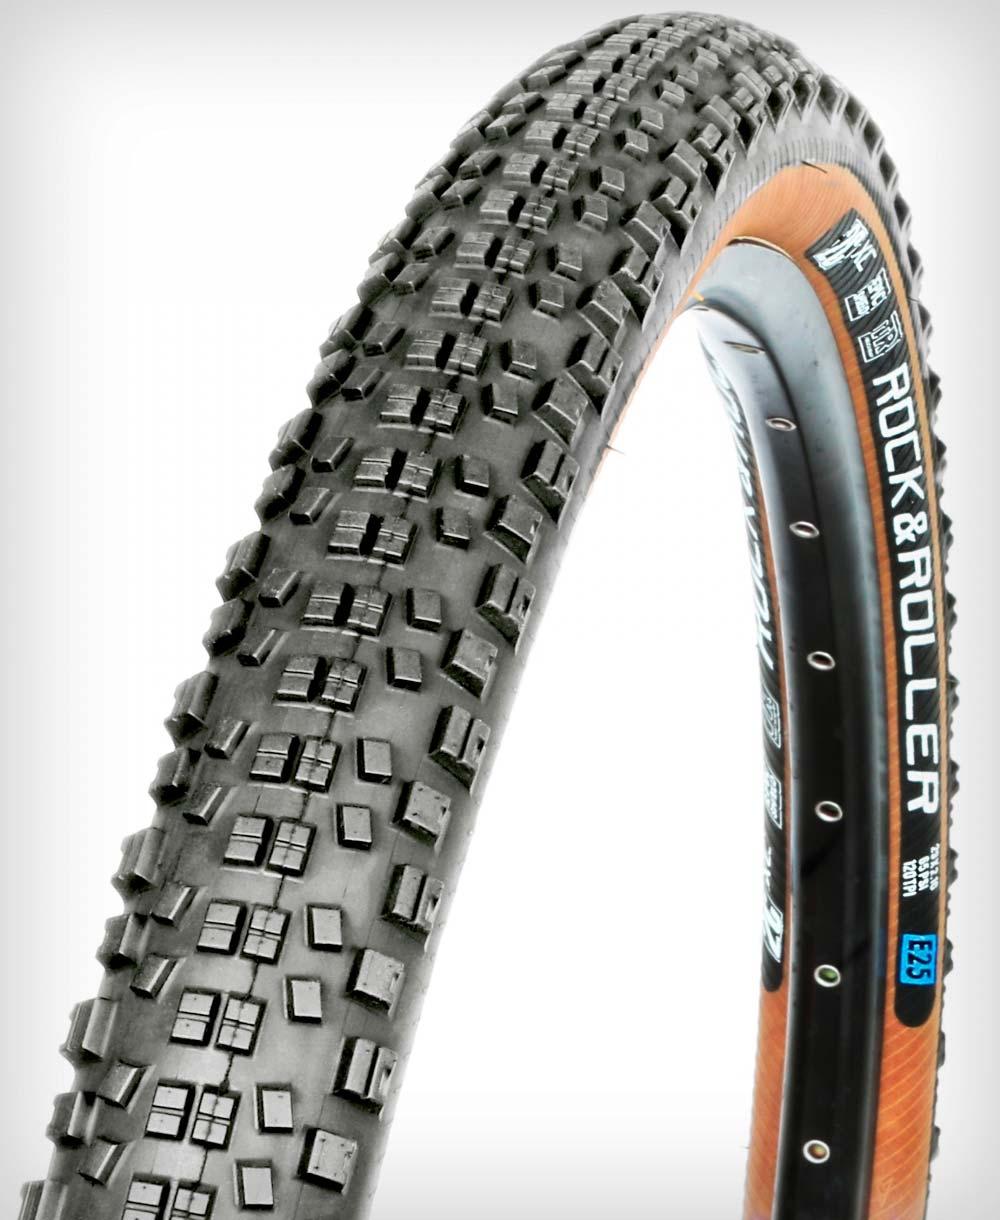 MSC presenta el Rock&Roller, un neumático rodador con buen agarre lateral para bicis de XC/Maratón